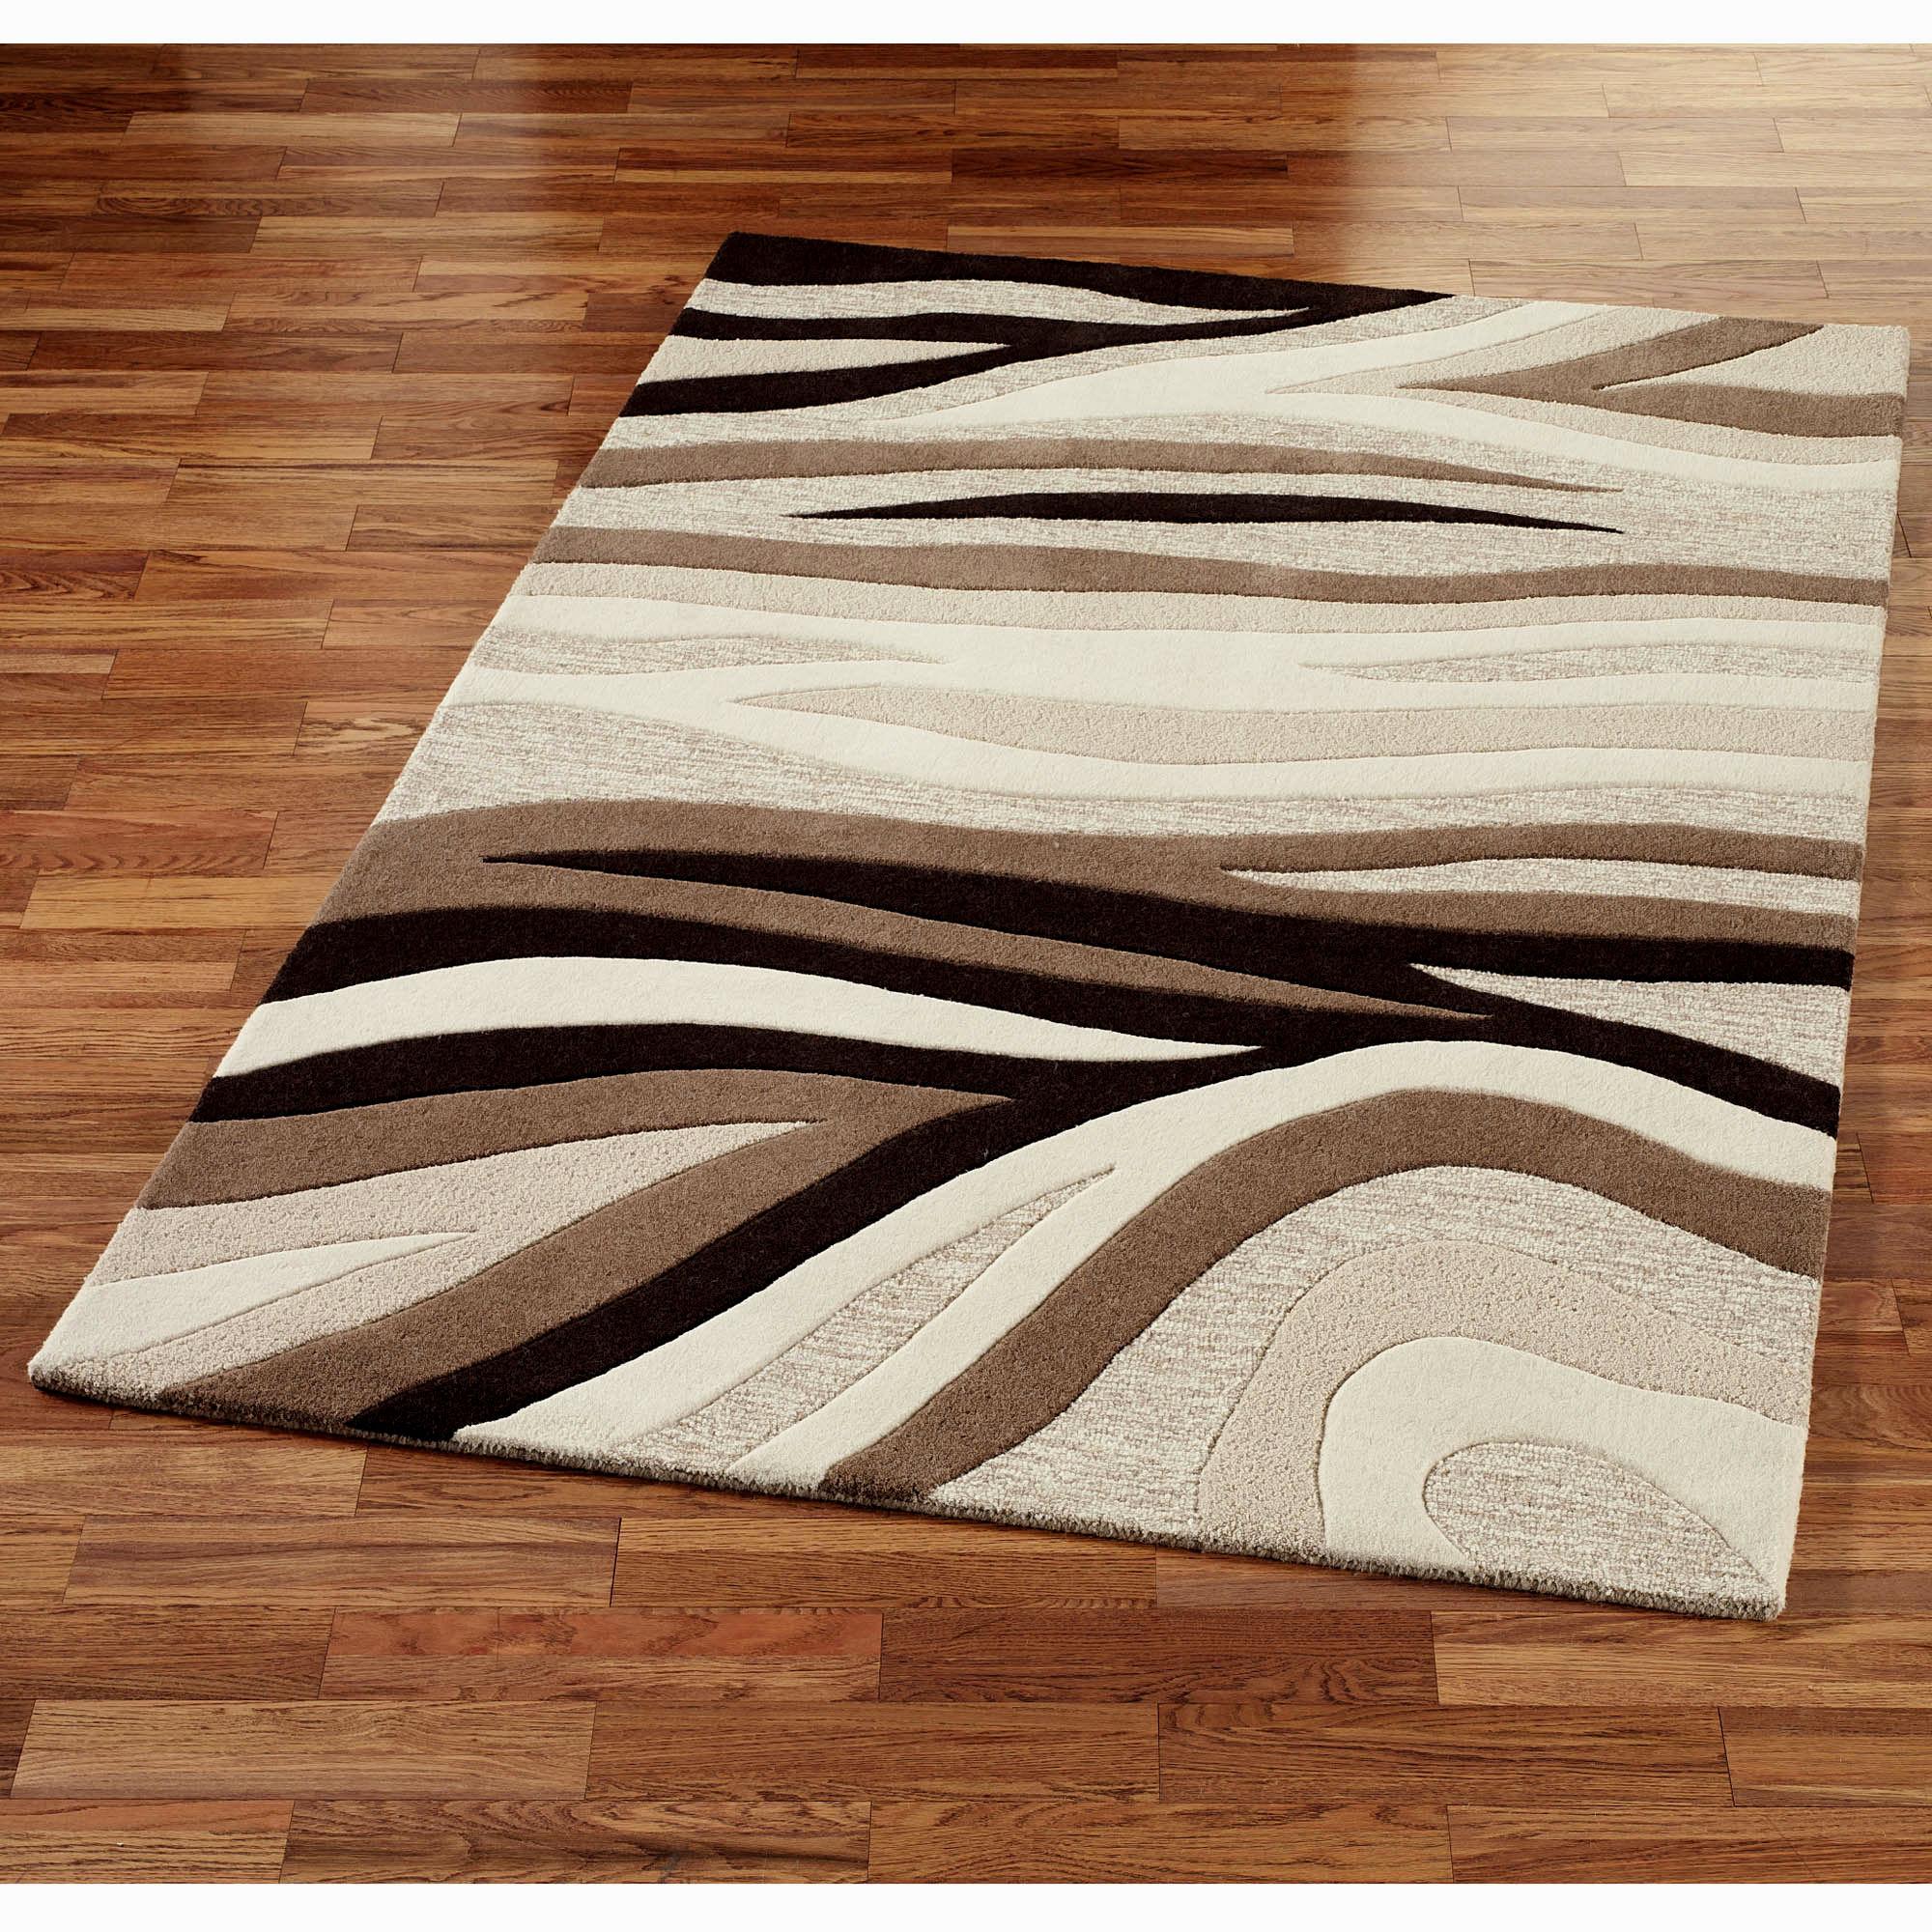 contemporary home goods bathroom rugs design-Luxury Home Goods Bathroom Rugs Collection